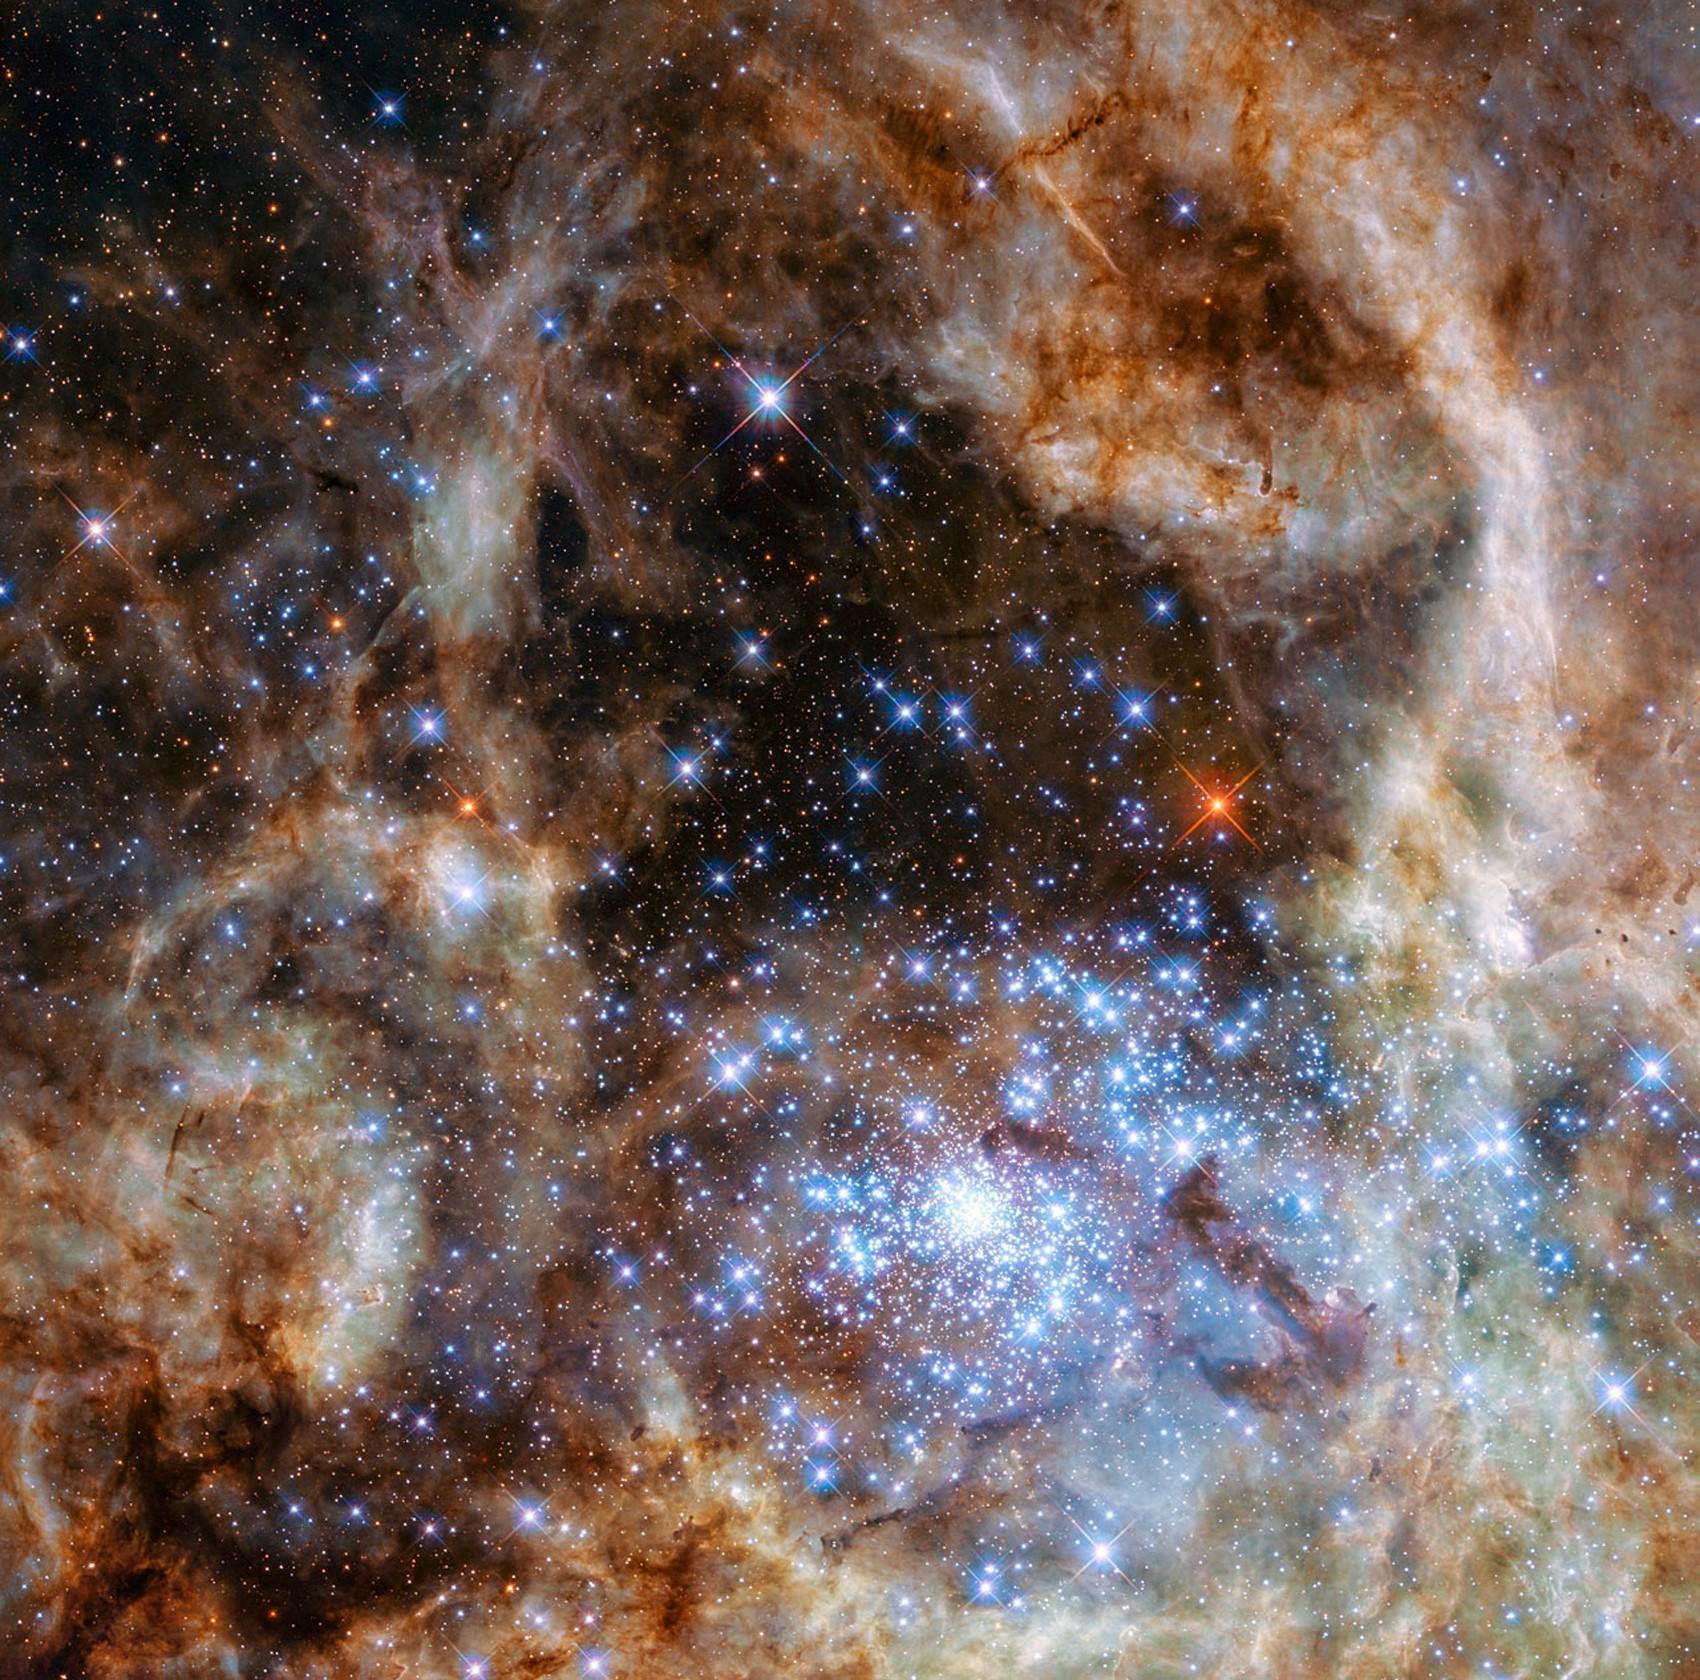 Imagem mostra a região central da Nebulosa da Tarântula na Grande Nuvem de Magalhães. o aglomerado estelar R136 pode ser visto no canto direito inferior da imagem  (Foto: NASA, ESA, P Crowther/University of Sheffield)